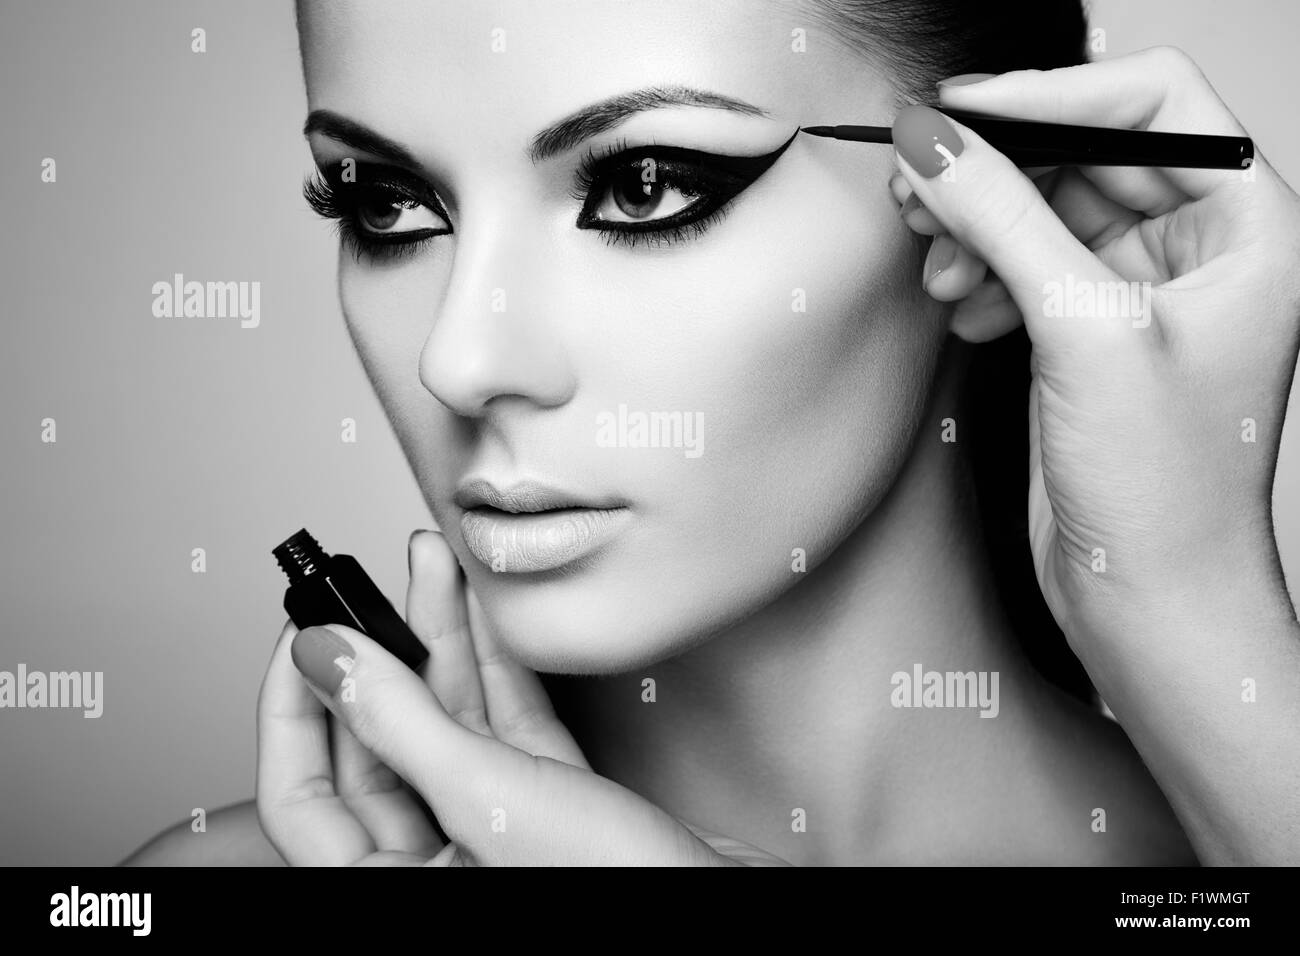 Maquillaje artista aplica la sombra de ojos. Mujer hermosa cara. Maquillaje perfecto. Fotografía en blanco Imagen De Stock